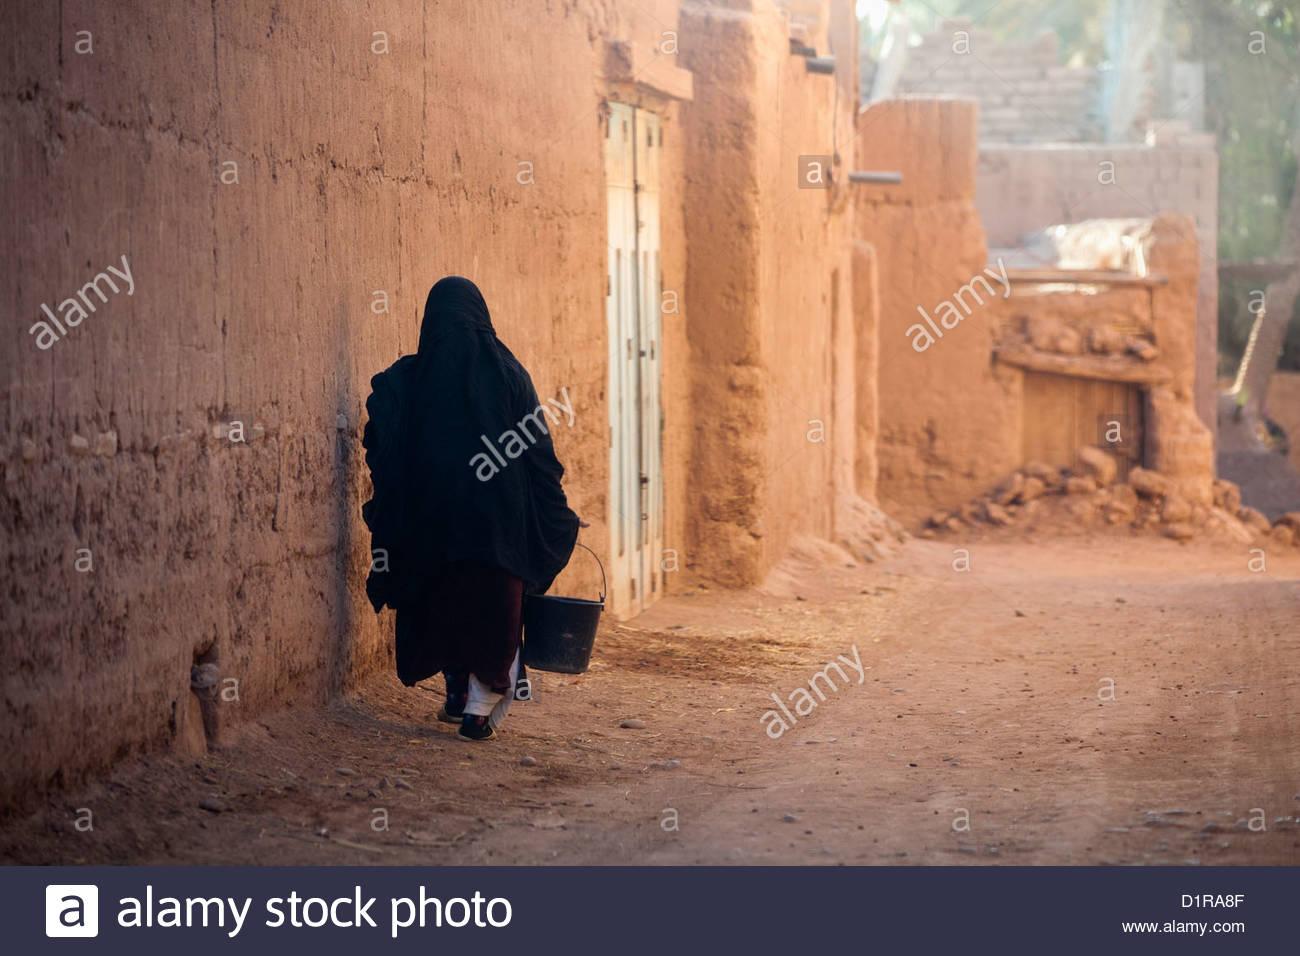 Il Marocco, vicino Agdz, Donna in strada. Immagini Stock